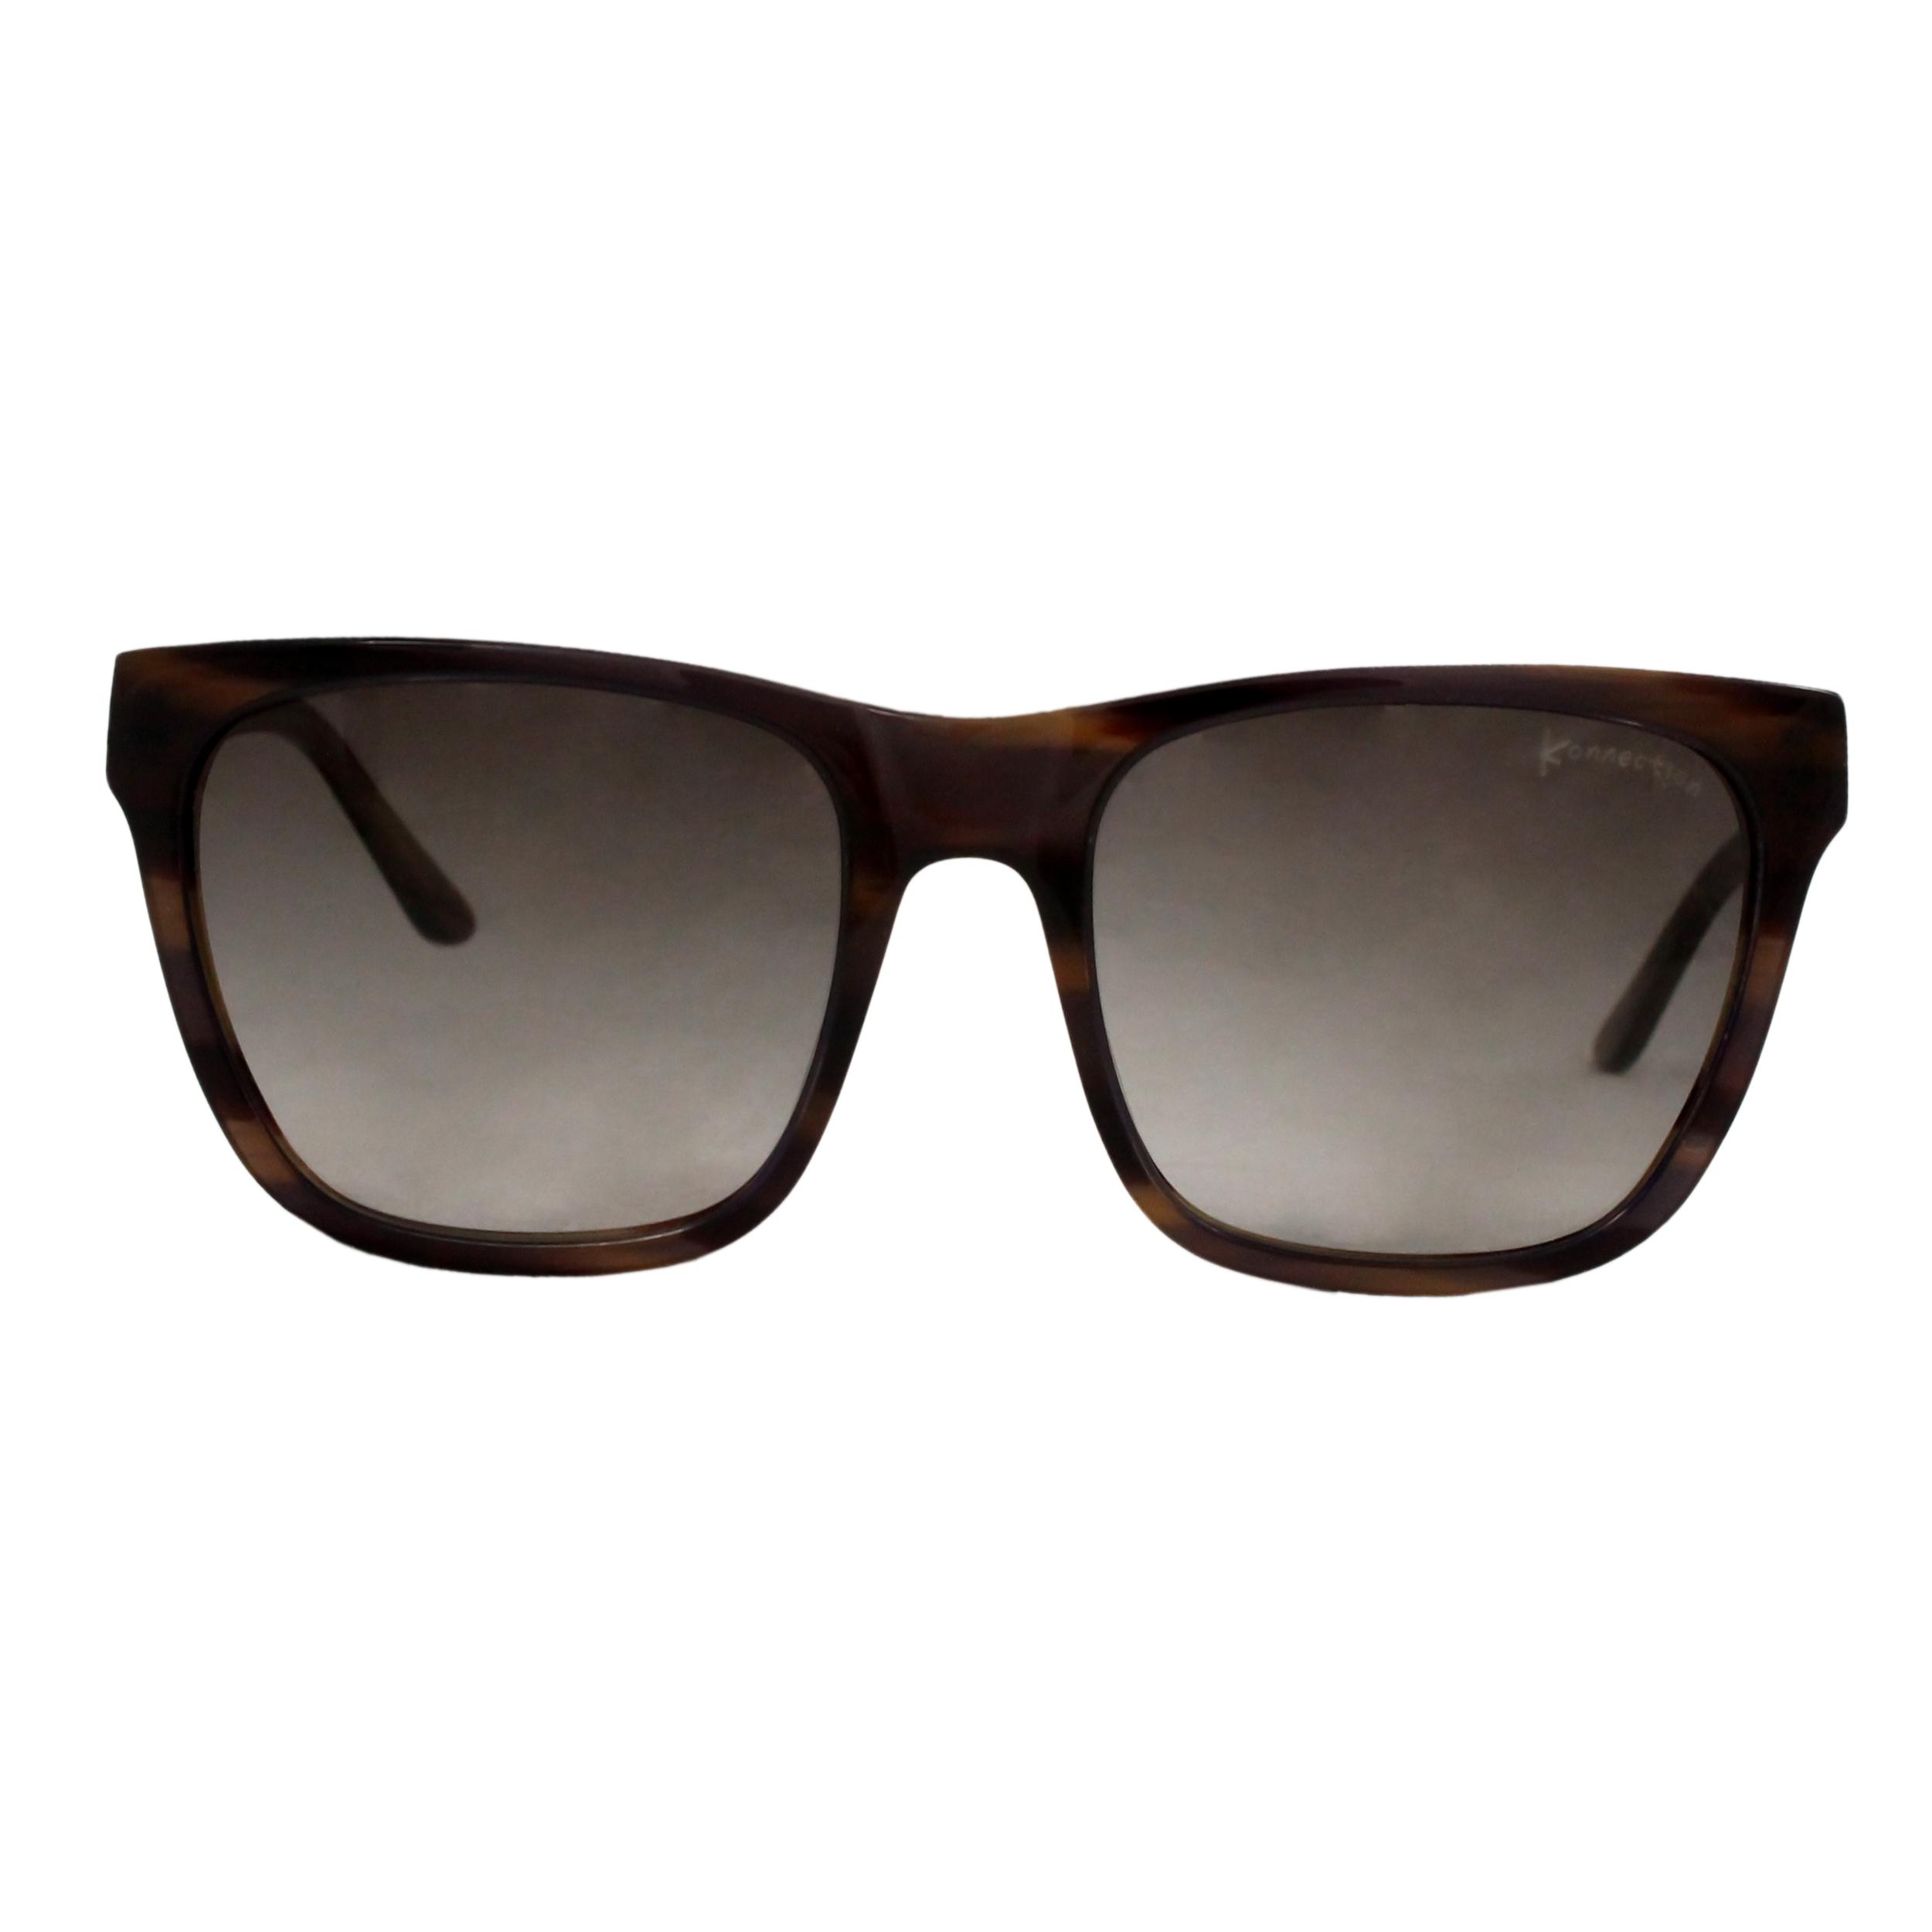 عینک آفتابی زنانه کانکشن کد C-116_480900